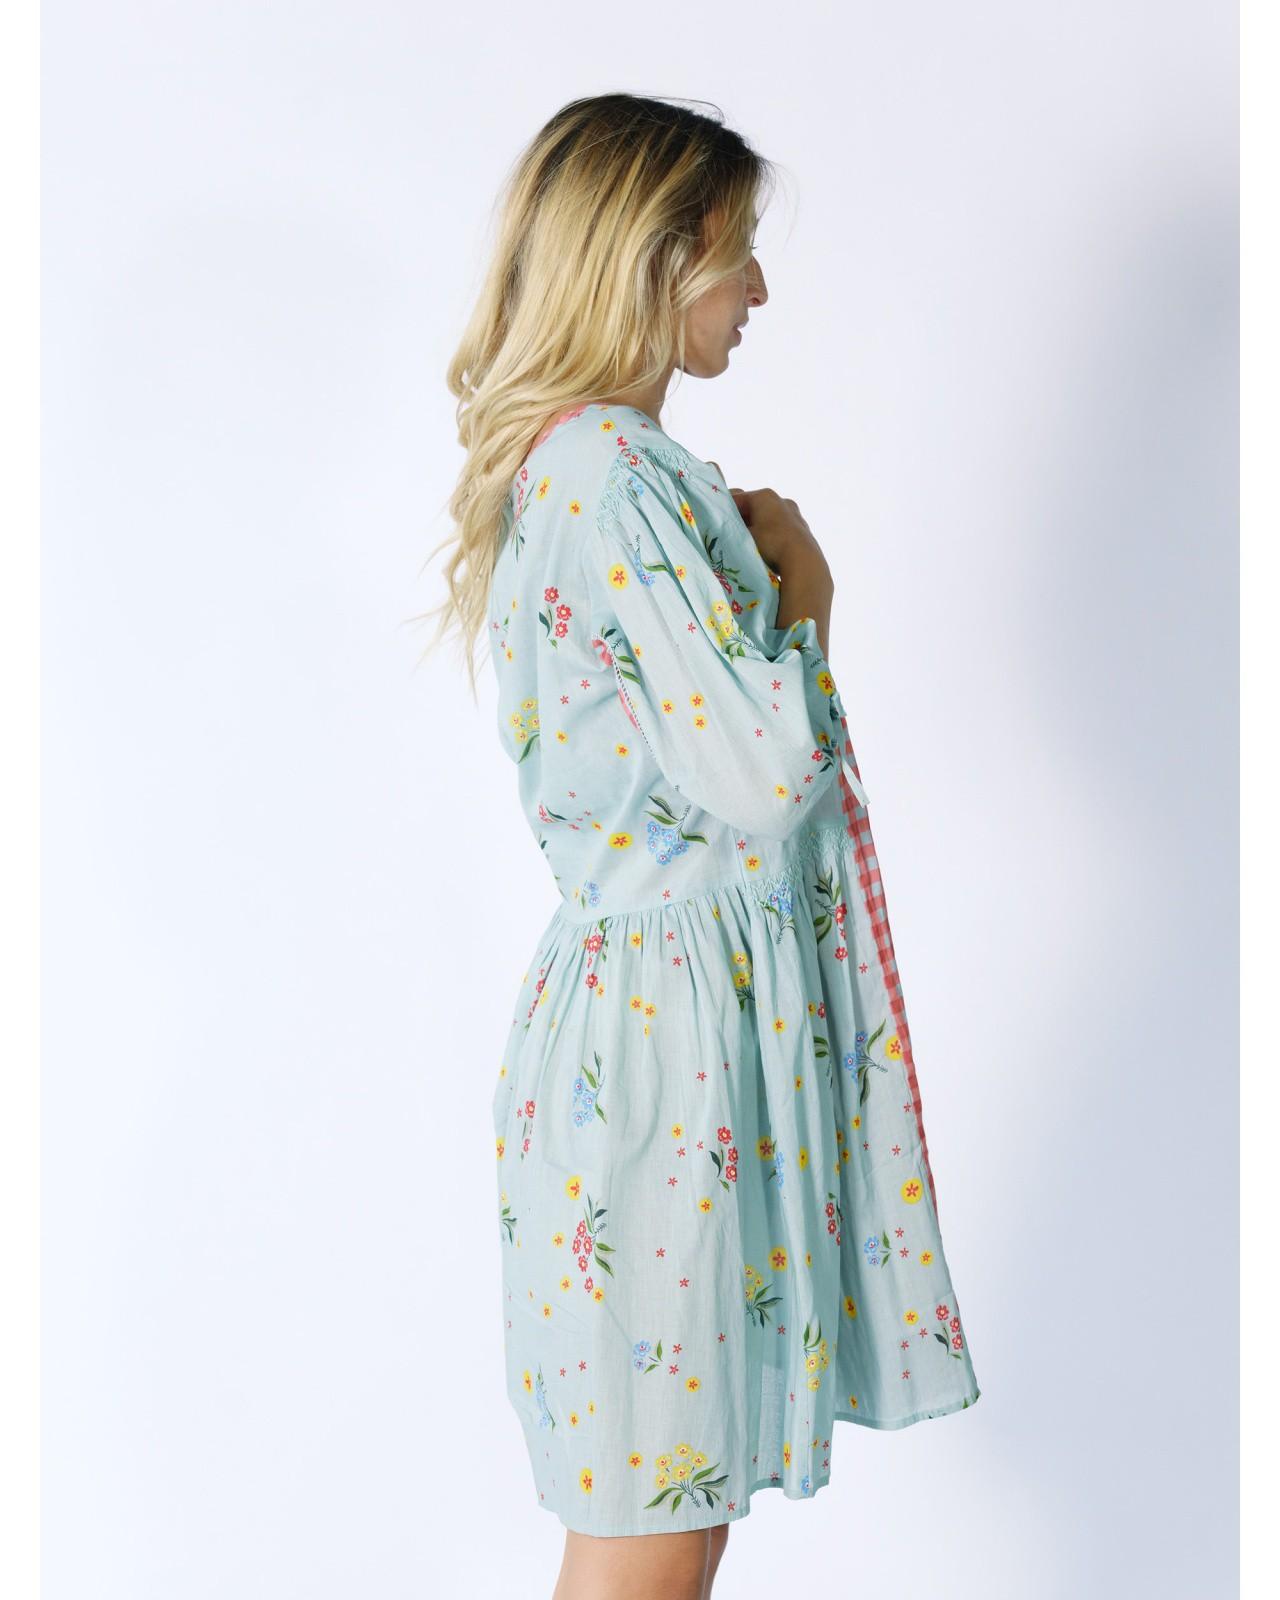 Robe fleurie Rhum Raisin, Azur 69